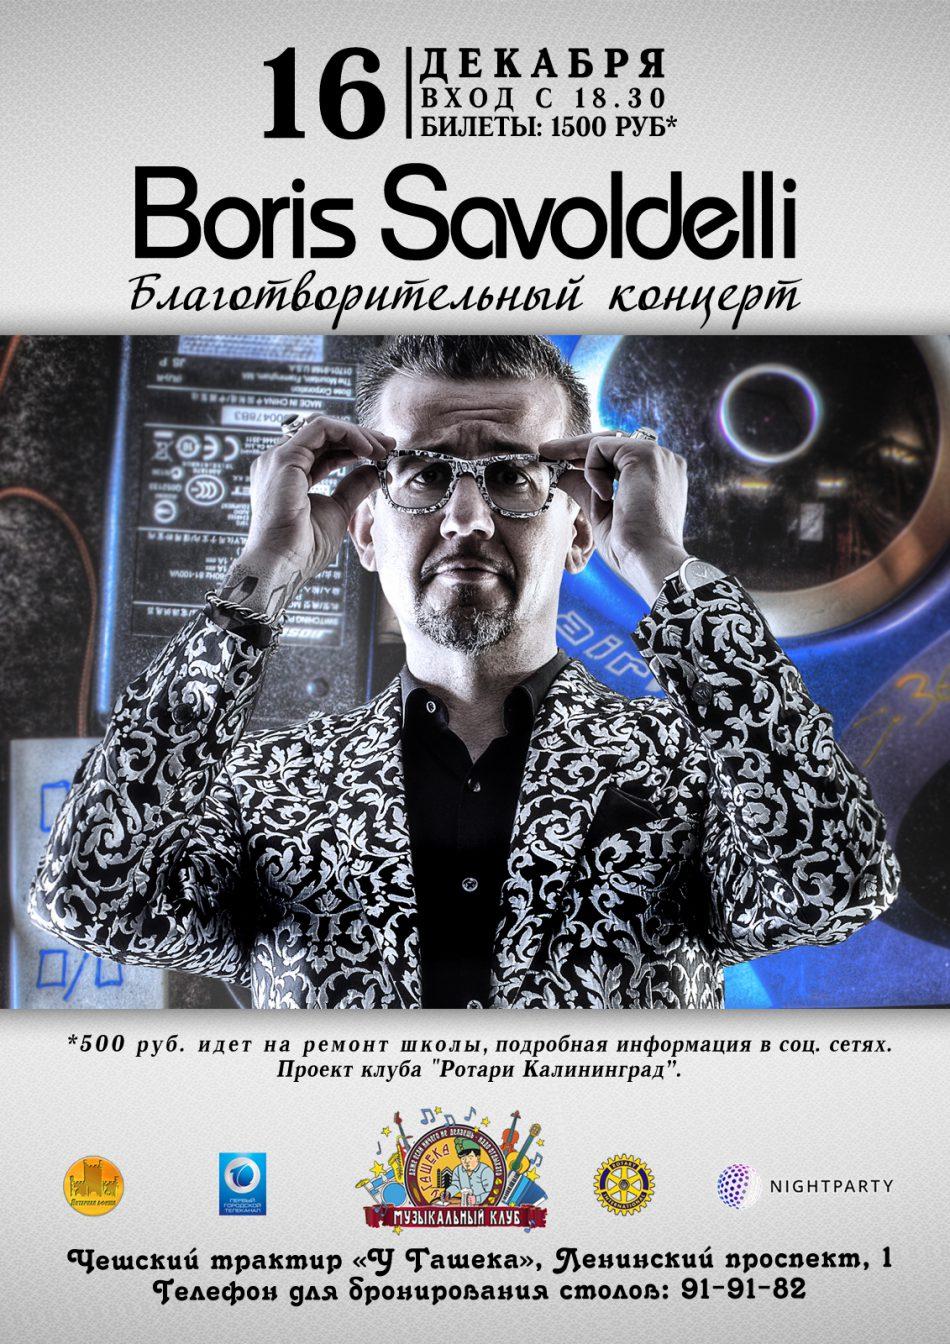 Boris Savoldelli (Италия) — Благотворительный концерт.